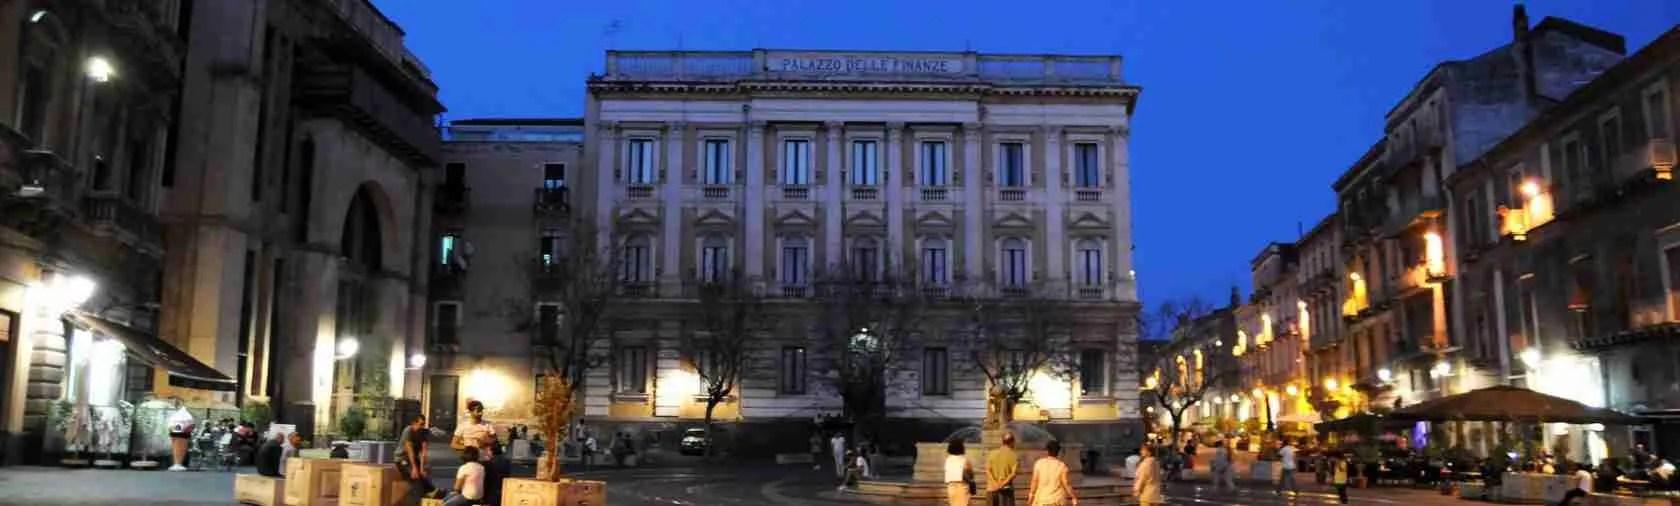 Le top class escort Catania scelgono un appartamento in Piazza Bellini a Catania per i loro incontri di alto livello.